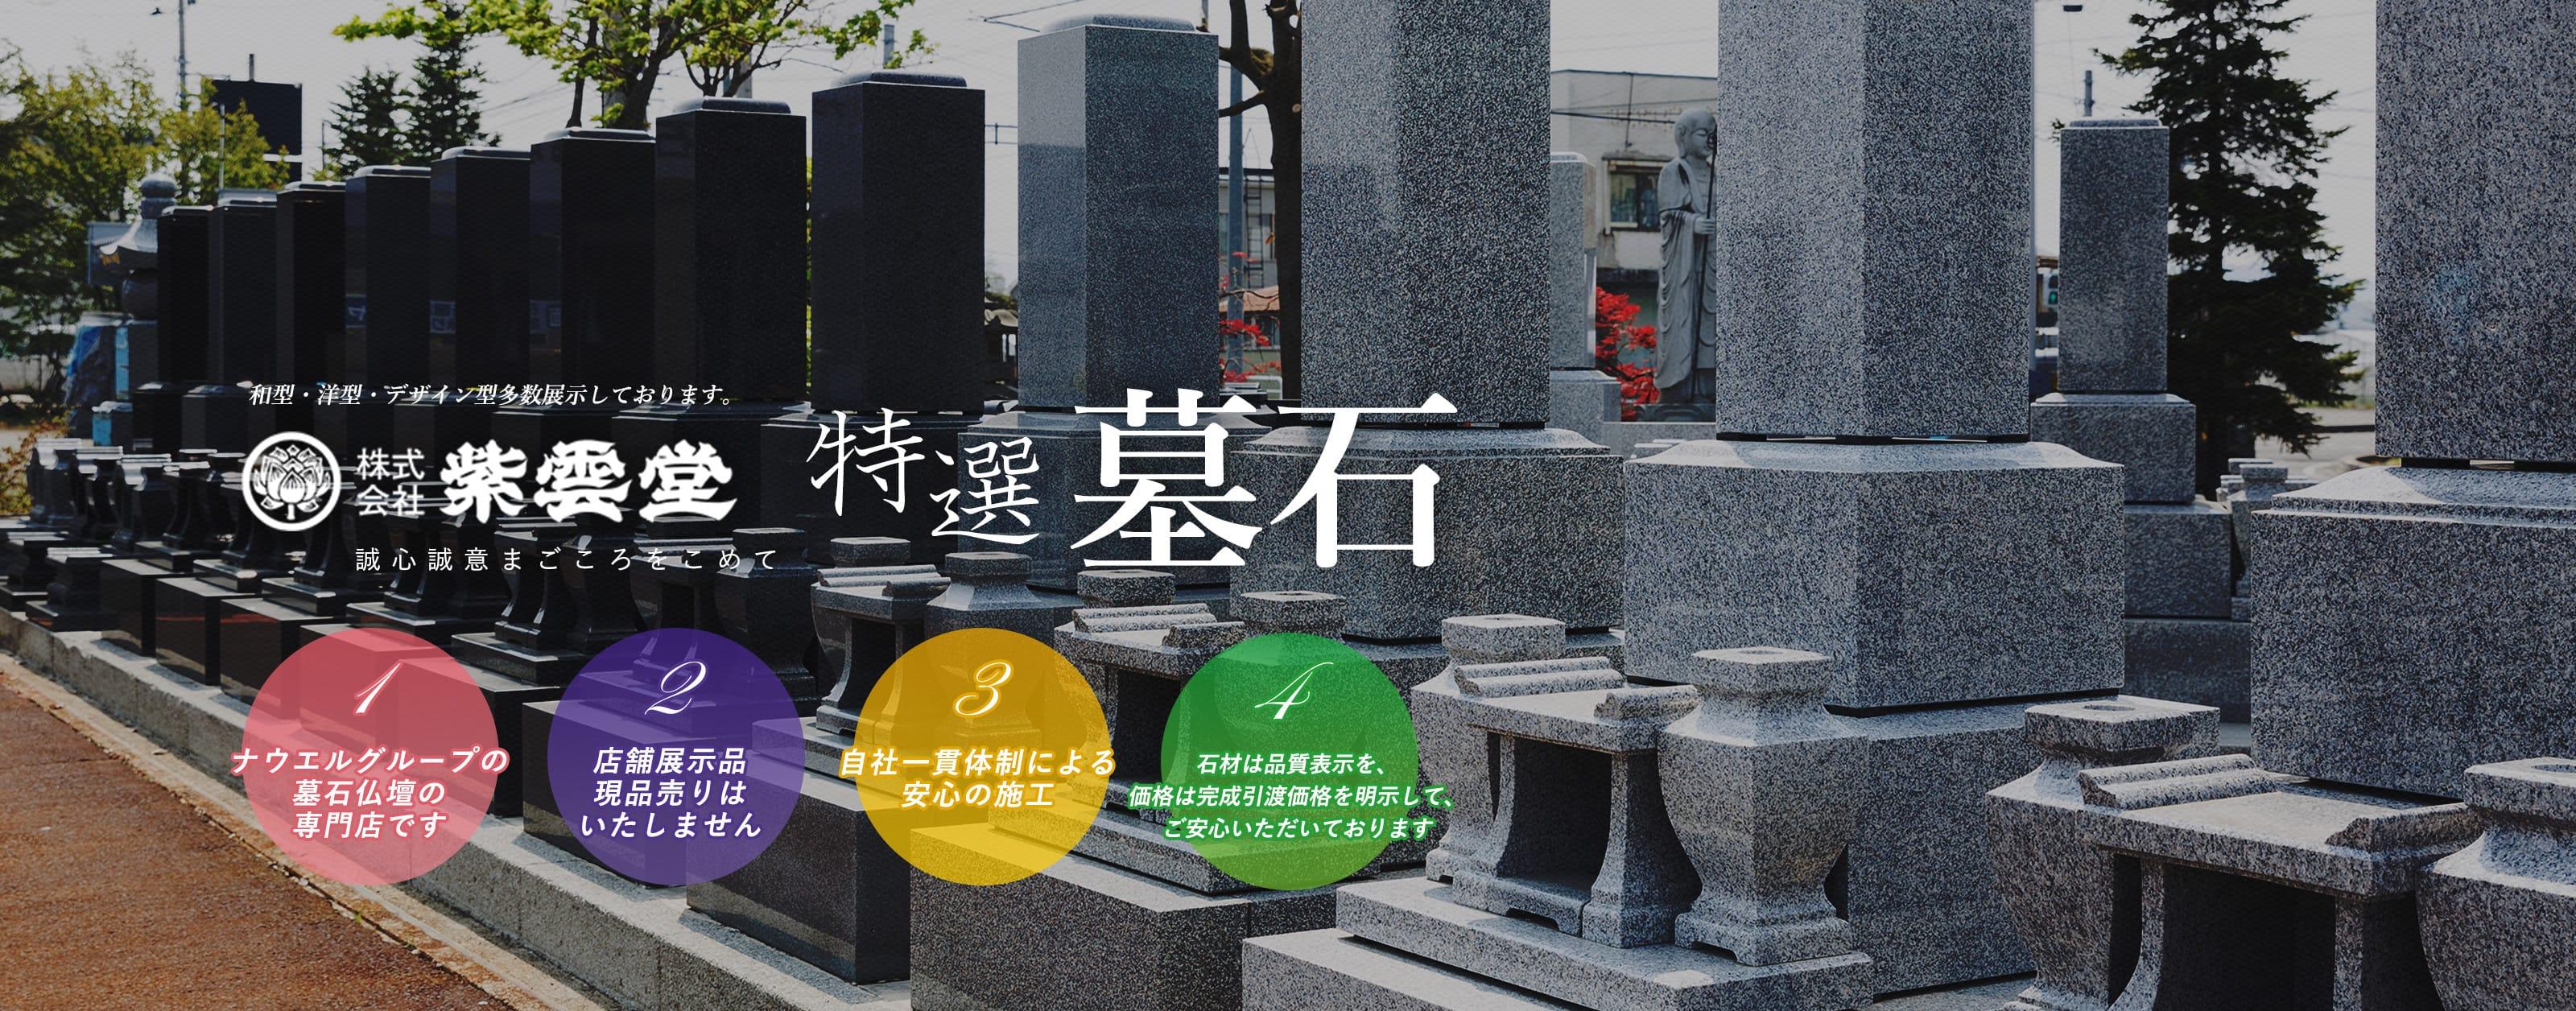 特選 墓石